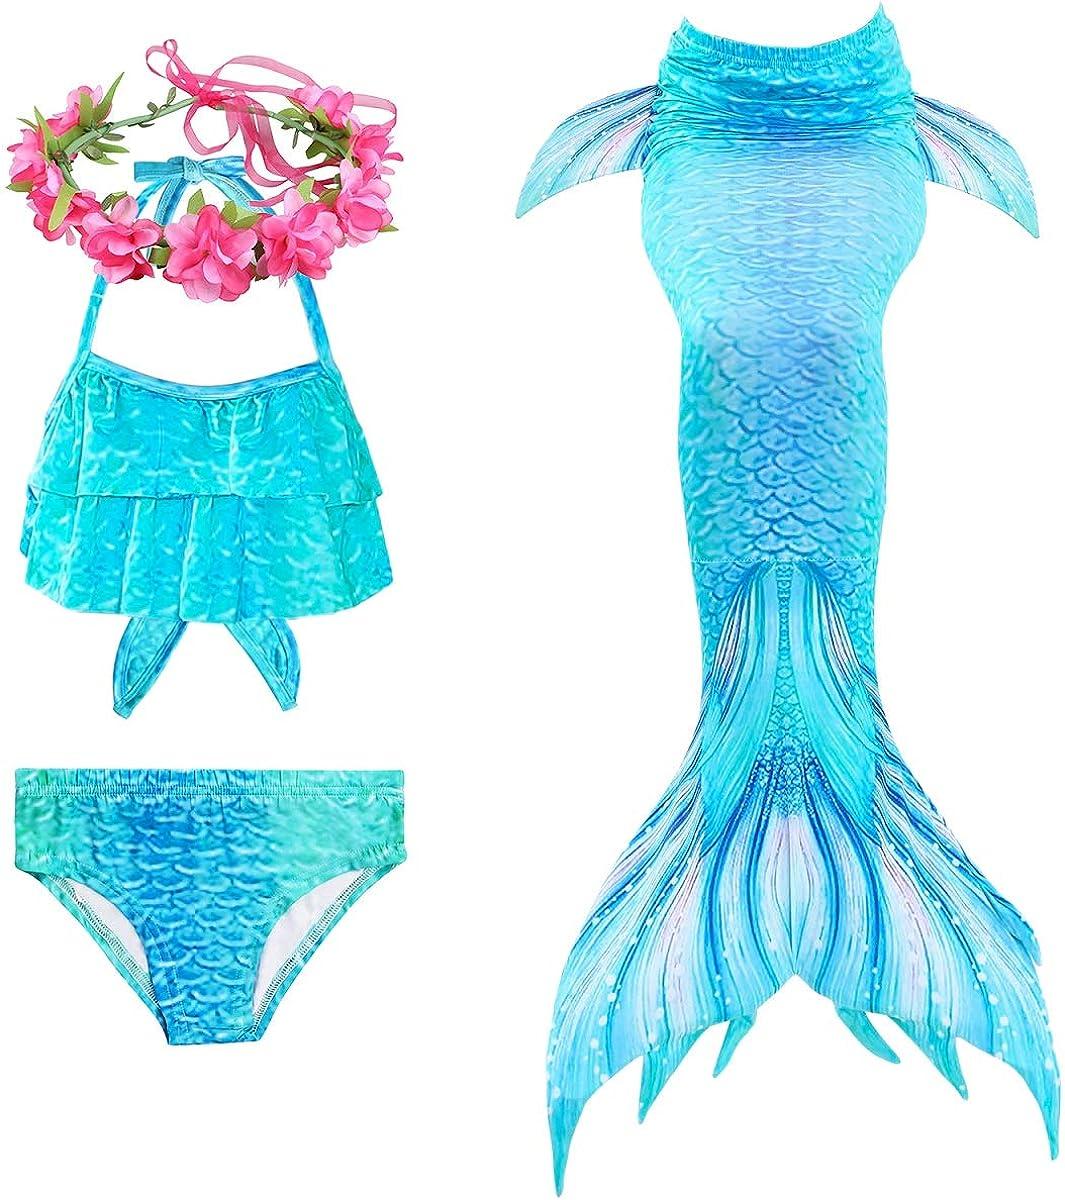 PaisDola Filles sir/ène Queue Enfants Costume de Natation Inclus 3Pcs Bikini Maillot de Bain et Bandeau Guirlande de Fleurs